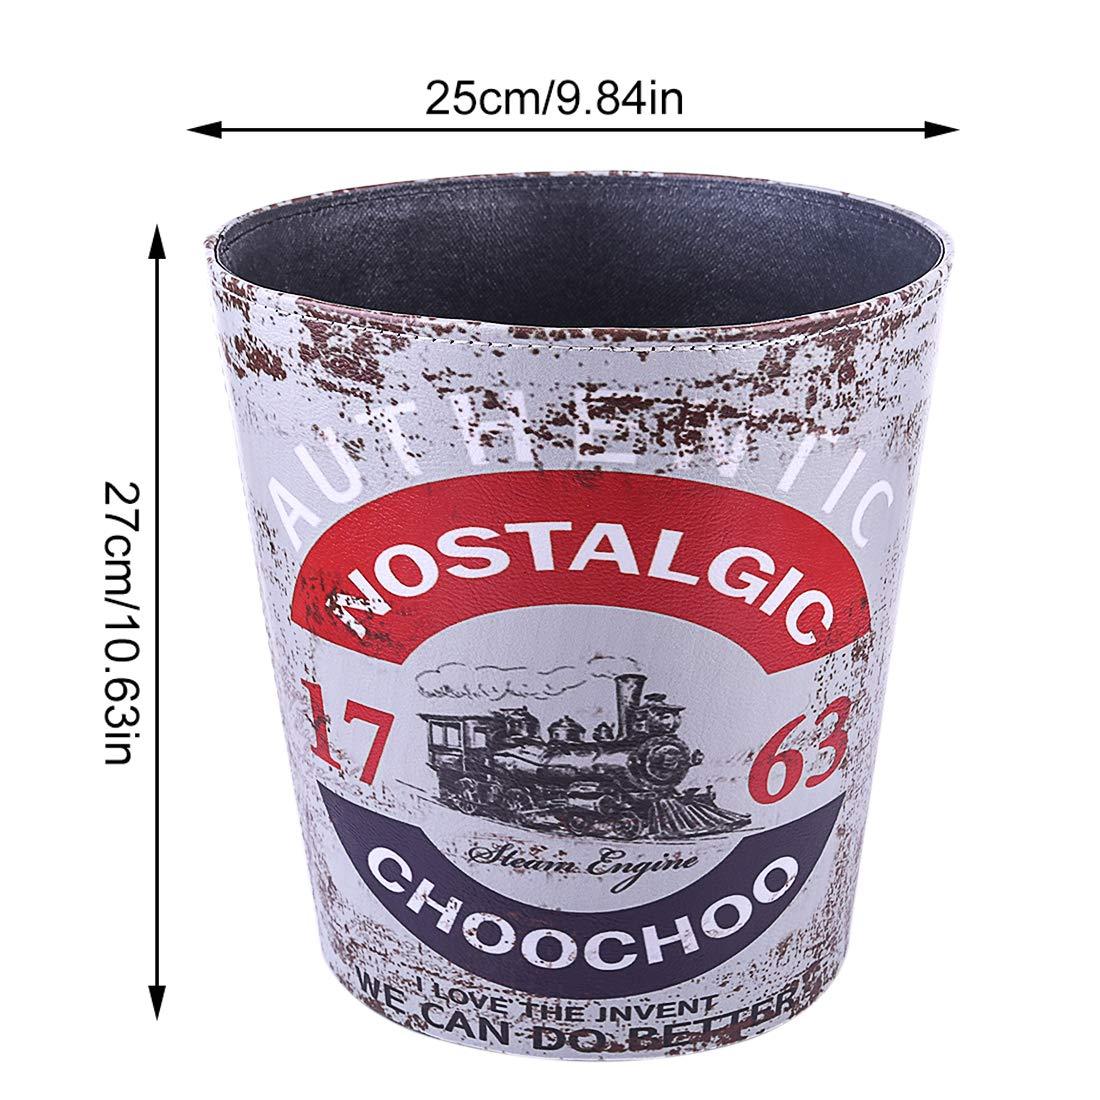 25 ALLESOK 10L Cuero Vintage Papelera,Oficina Cubo de Basura Habitacion Papelera 25 27CM